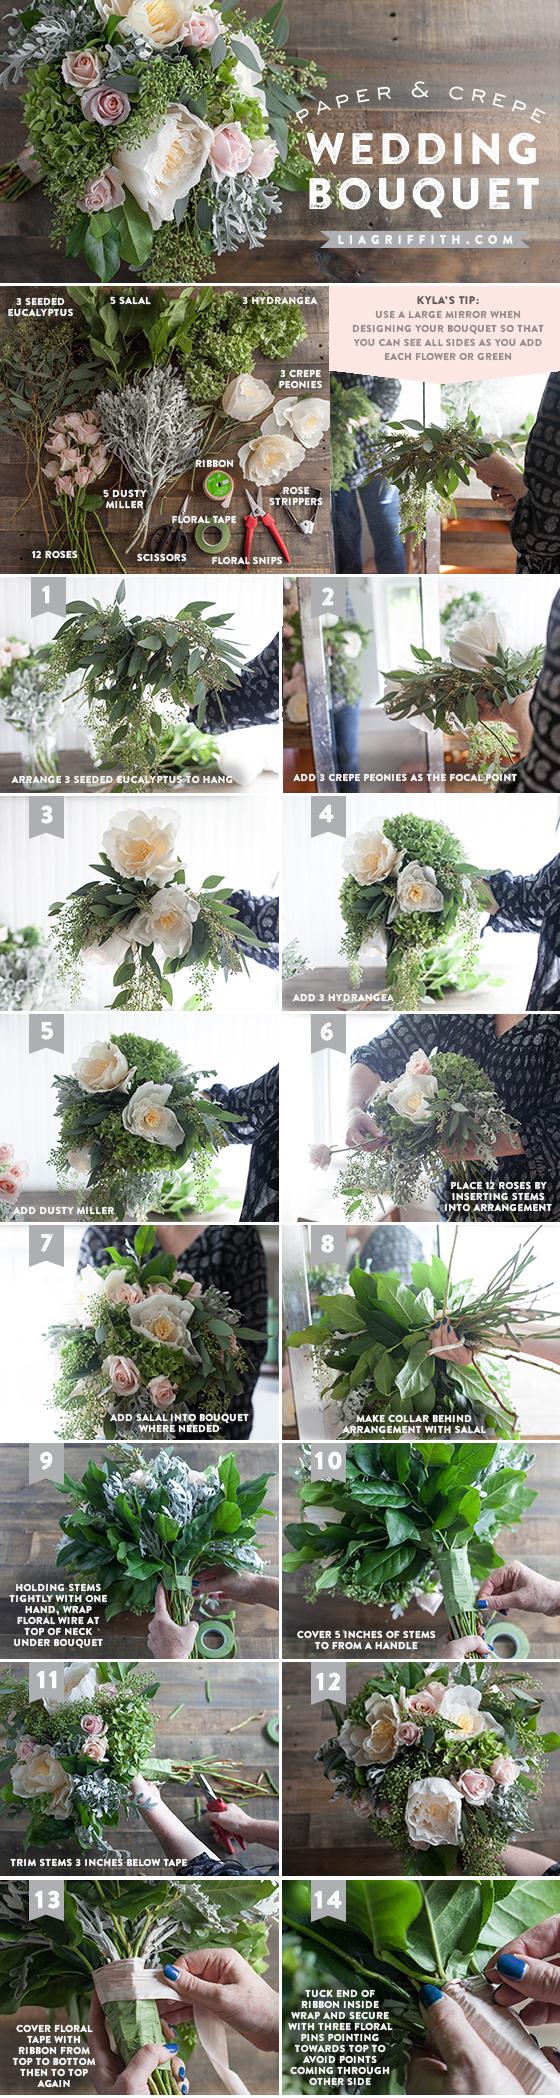 BridalBouquetTutorial